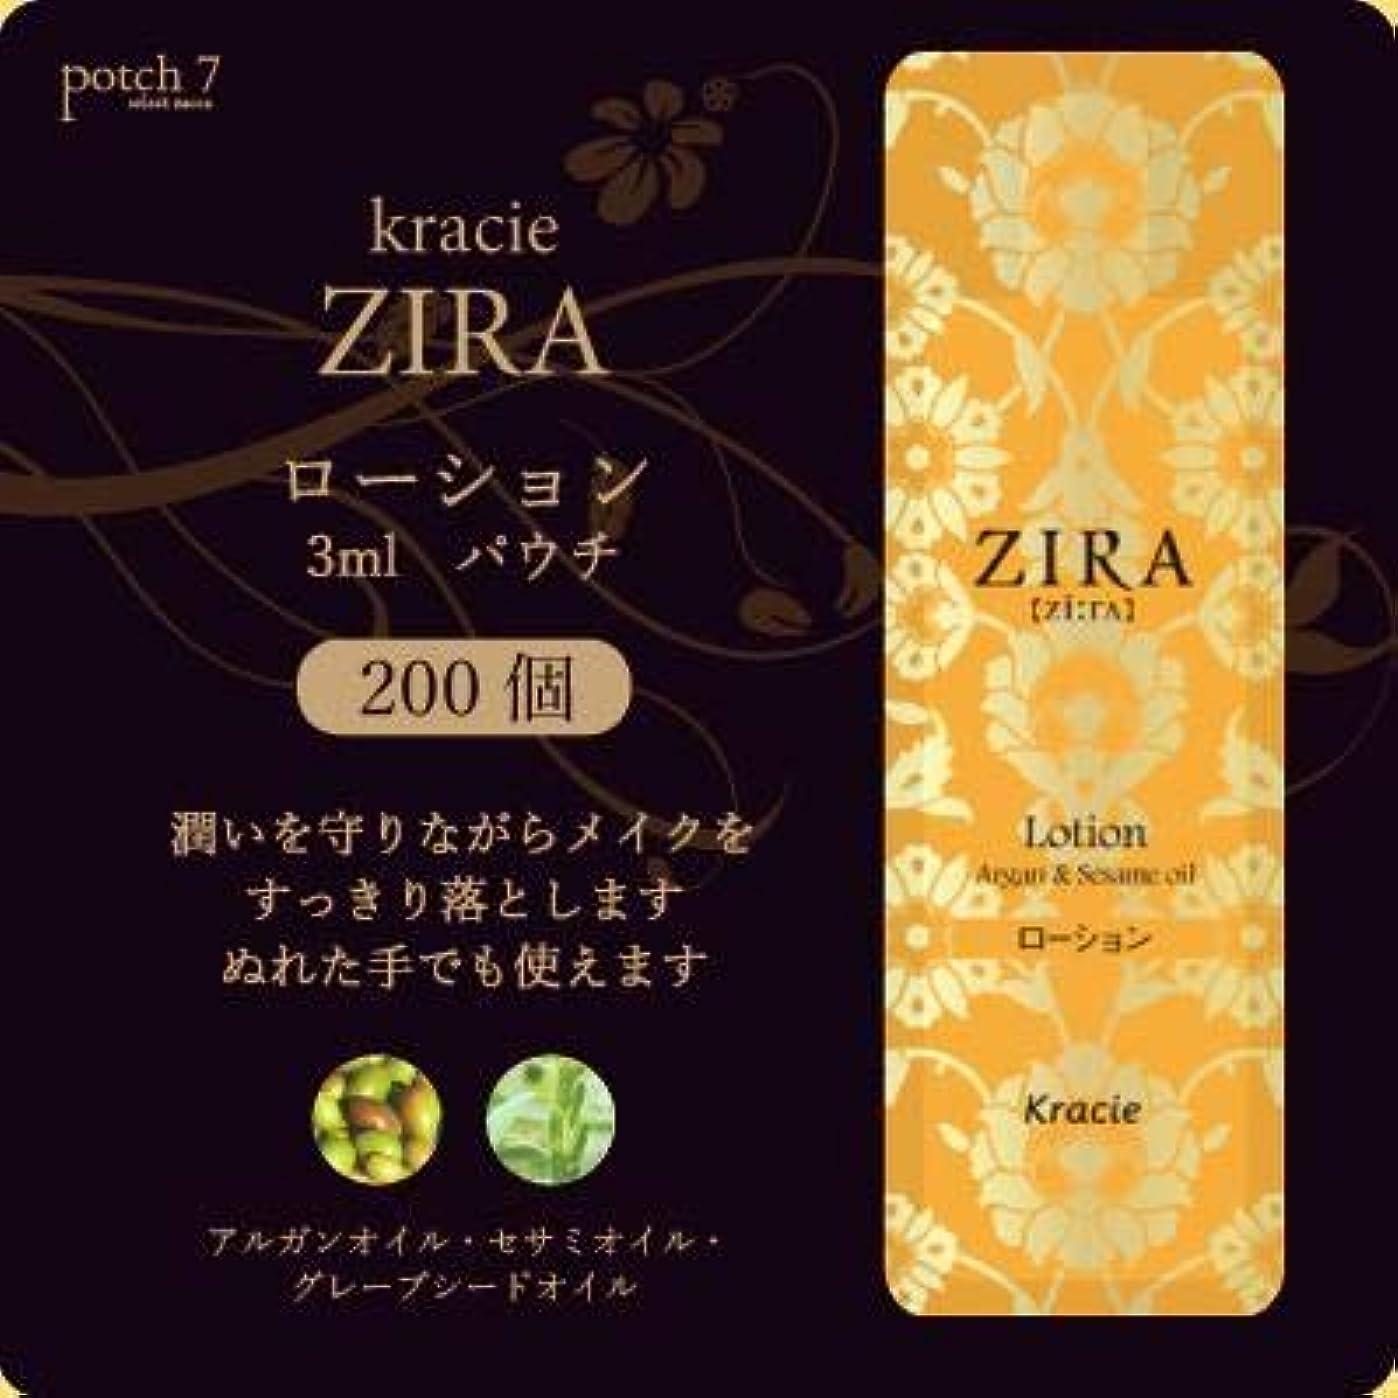 裂け目習字以内にKracie クラシエ ZIRA ジーラ ローション 化粧水 パウチ 3ml 200個入